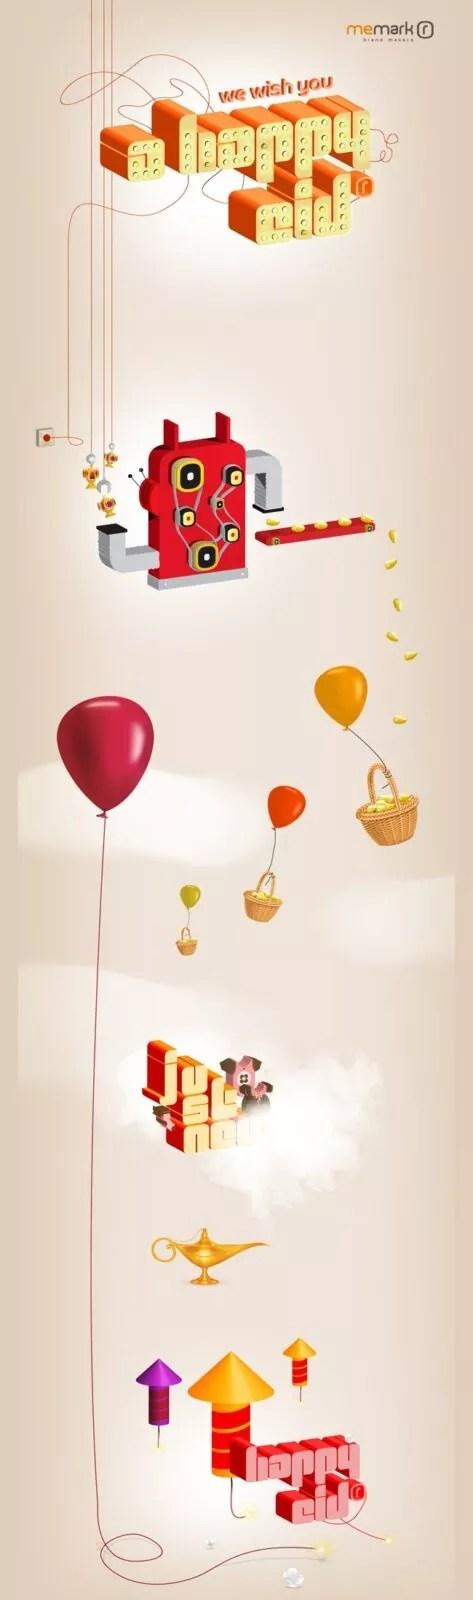 f7c292770e36a14088eccfac6c7c2456 - Inspiring Designs of Eid Al-Fitr 2012